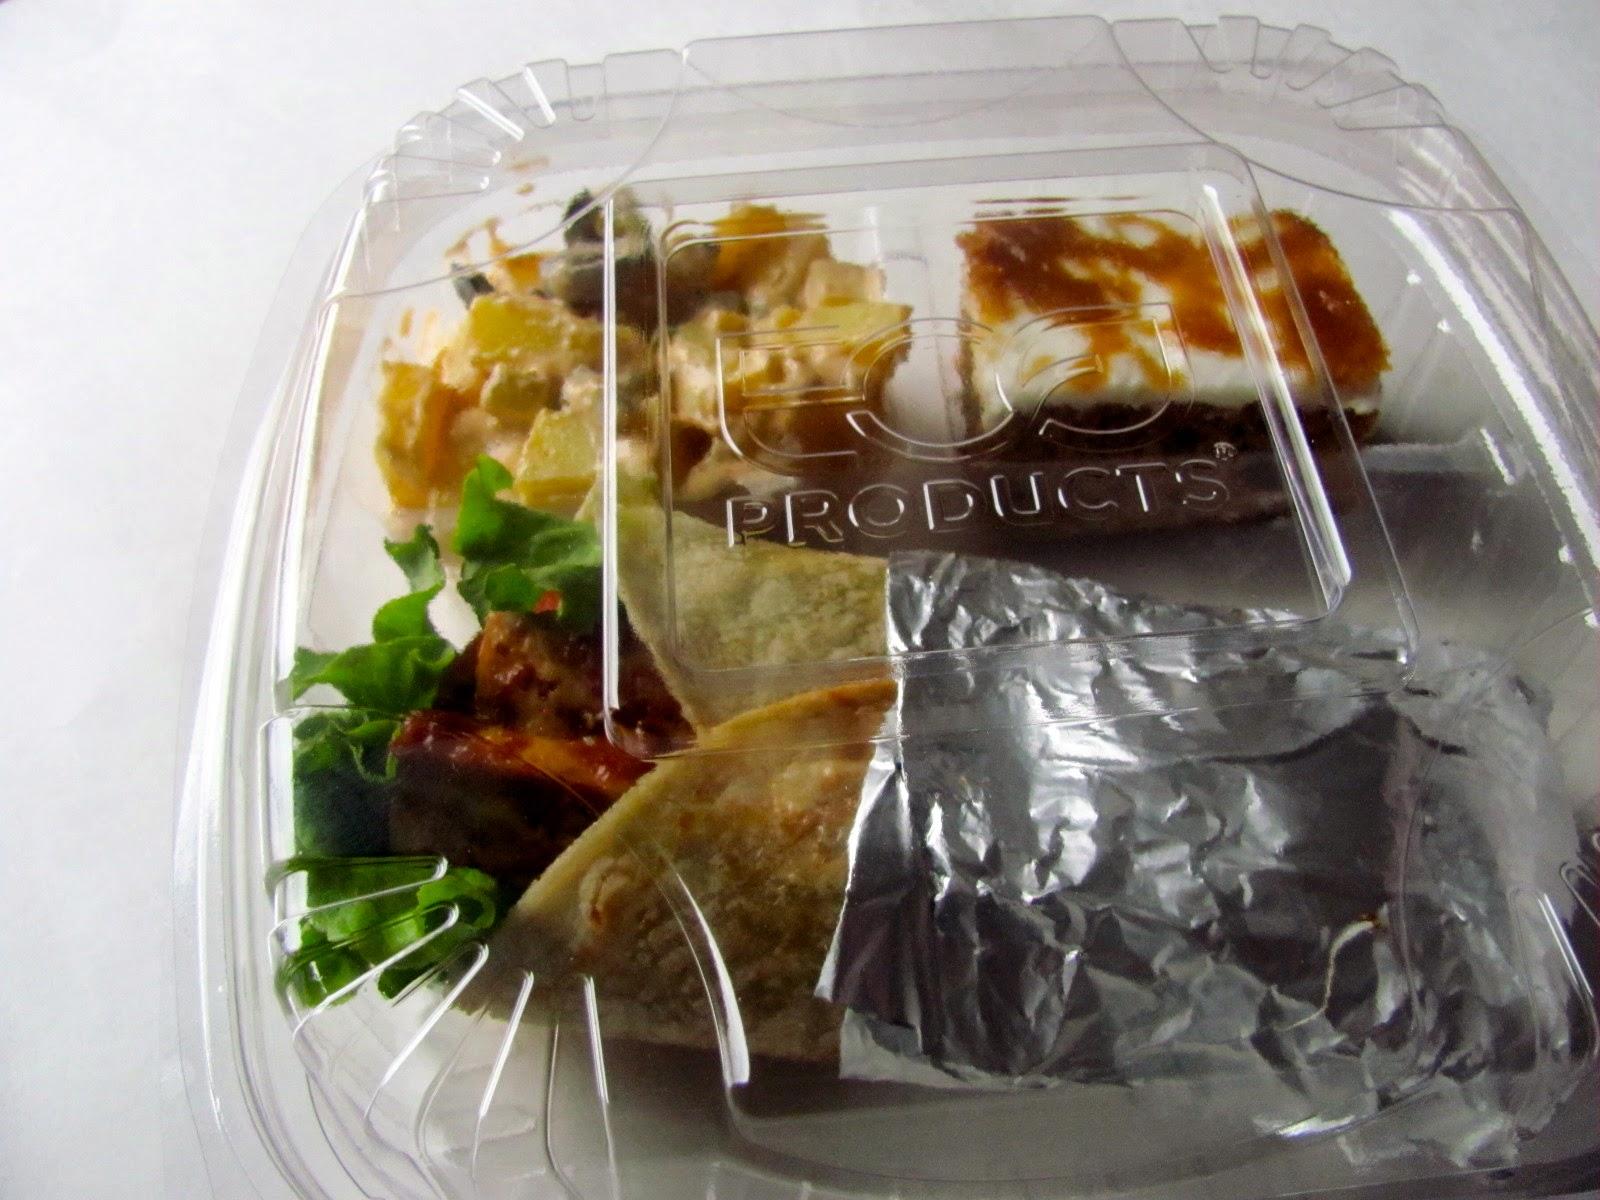 gluten free caterer denver | holiday catering denver | vegan caterer denver | clean foods caterer